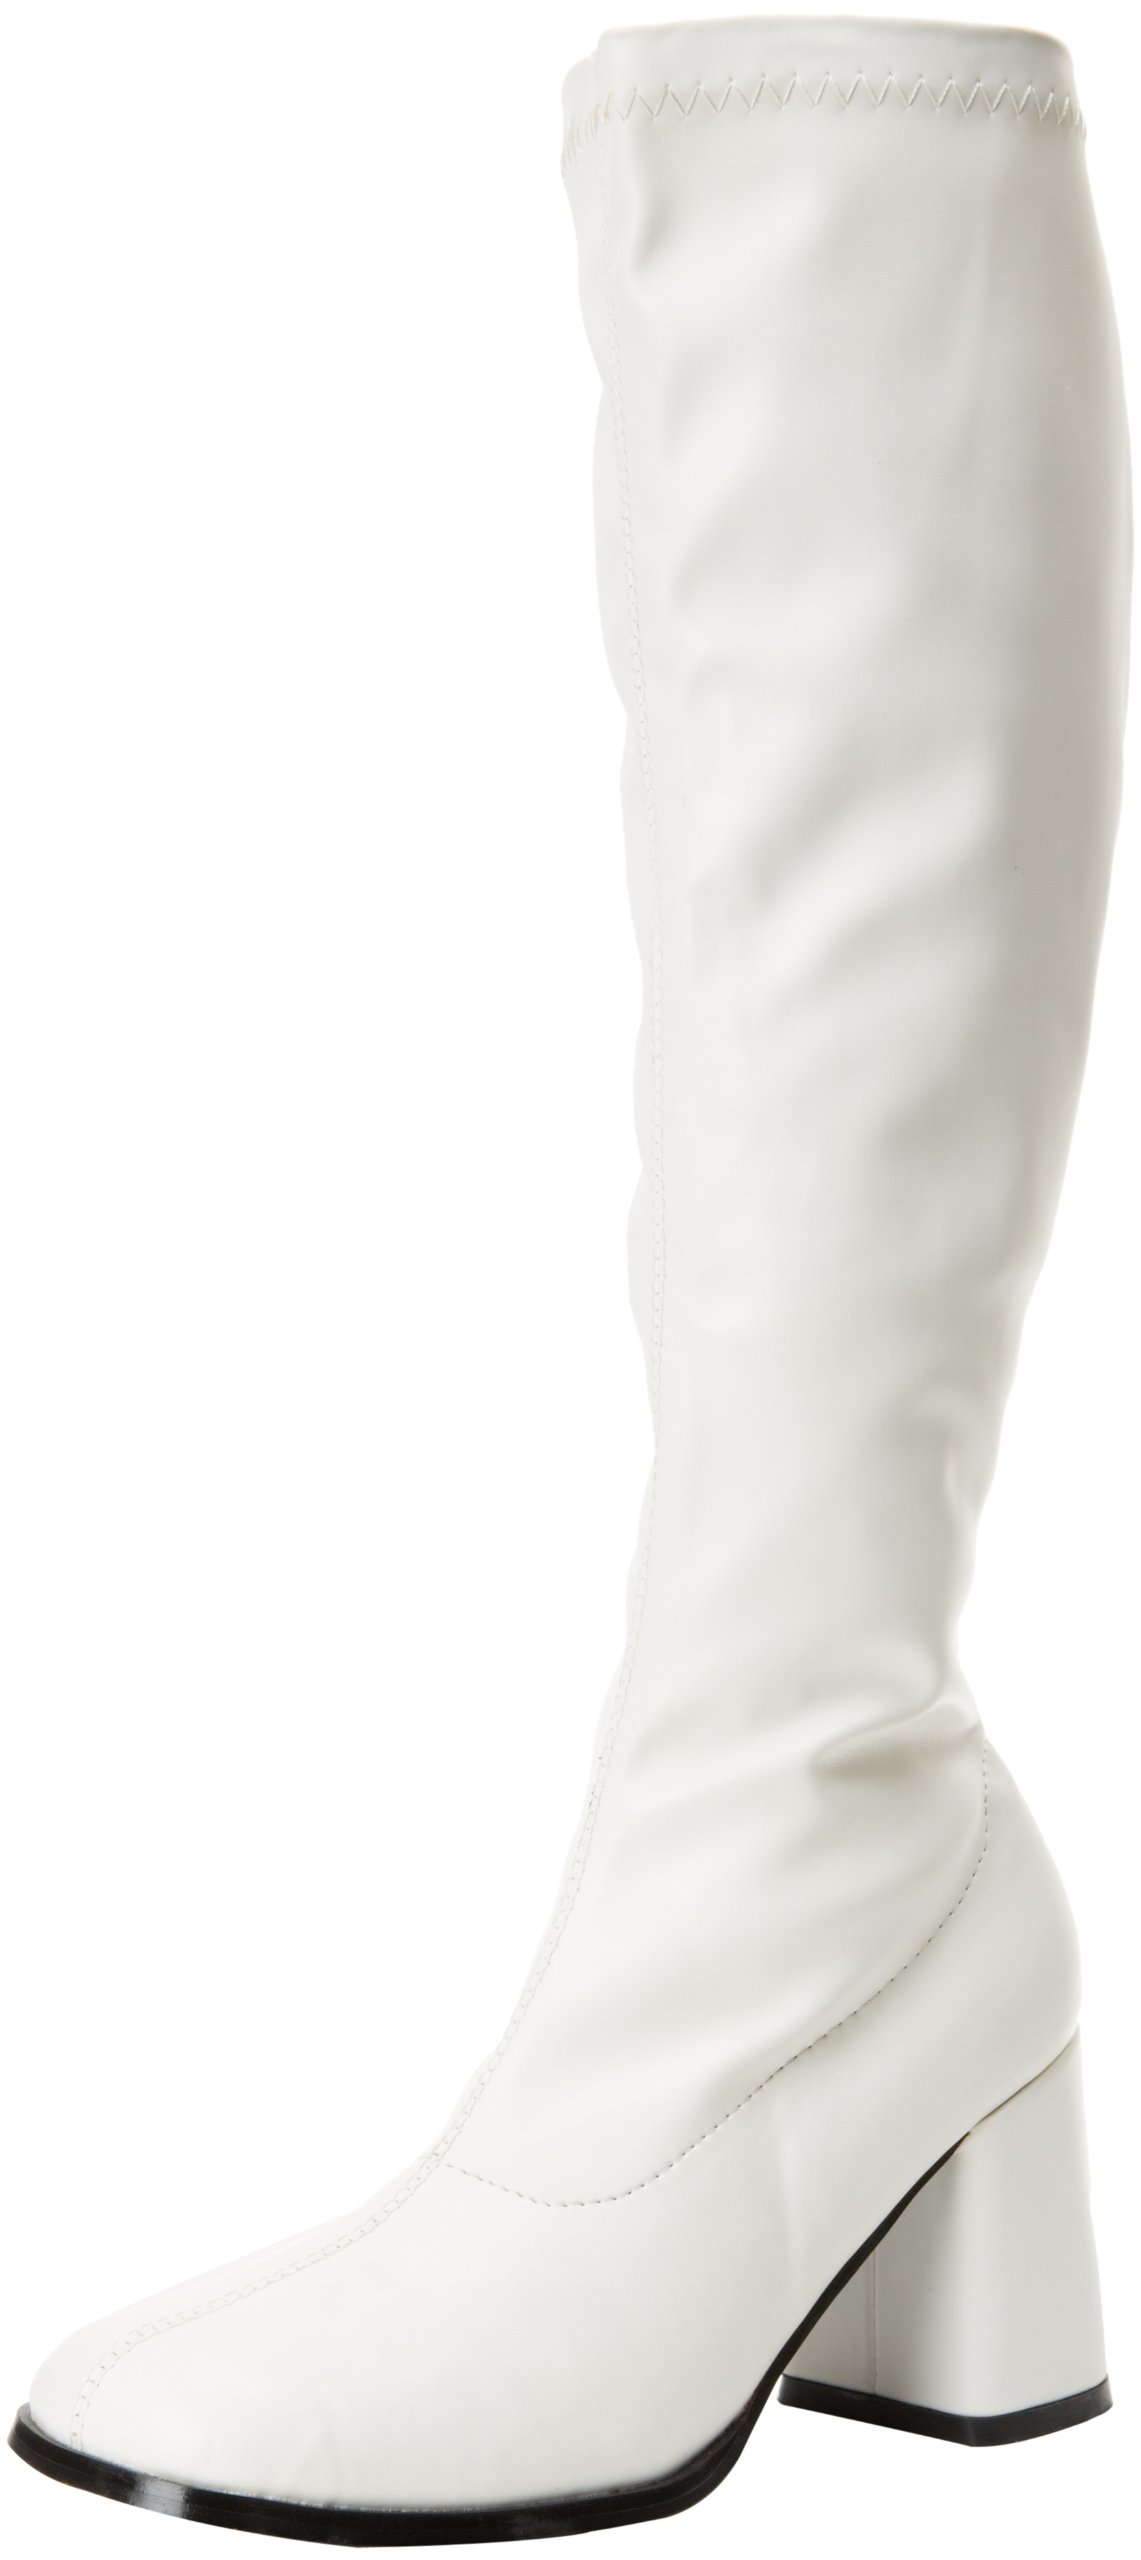 GoGo-300 Shoes - Size 10